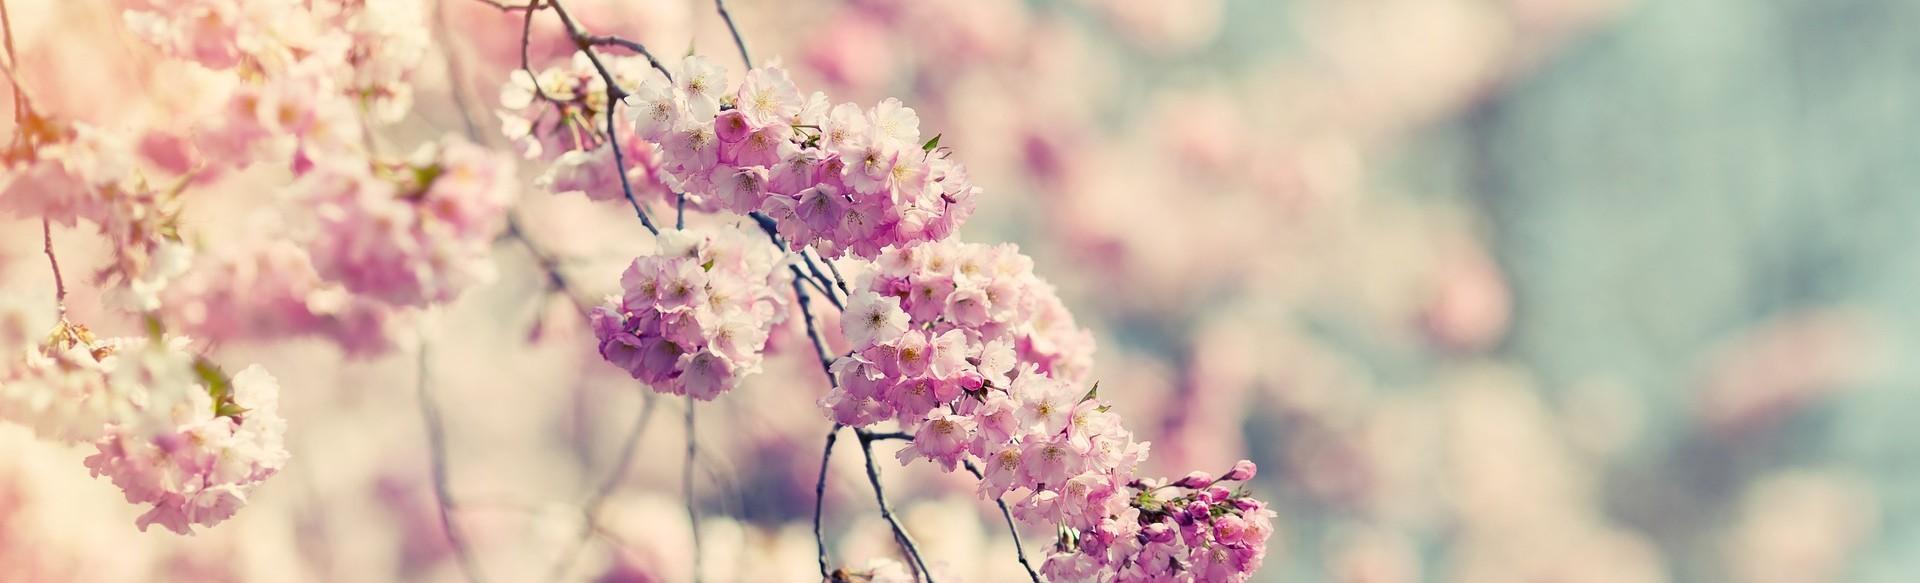 나의 정원